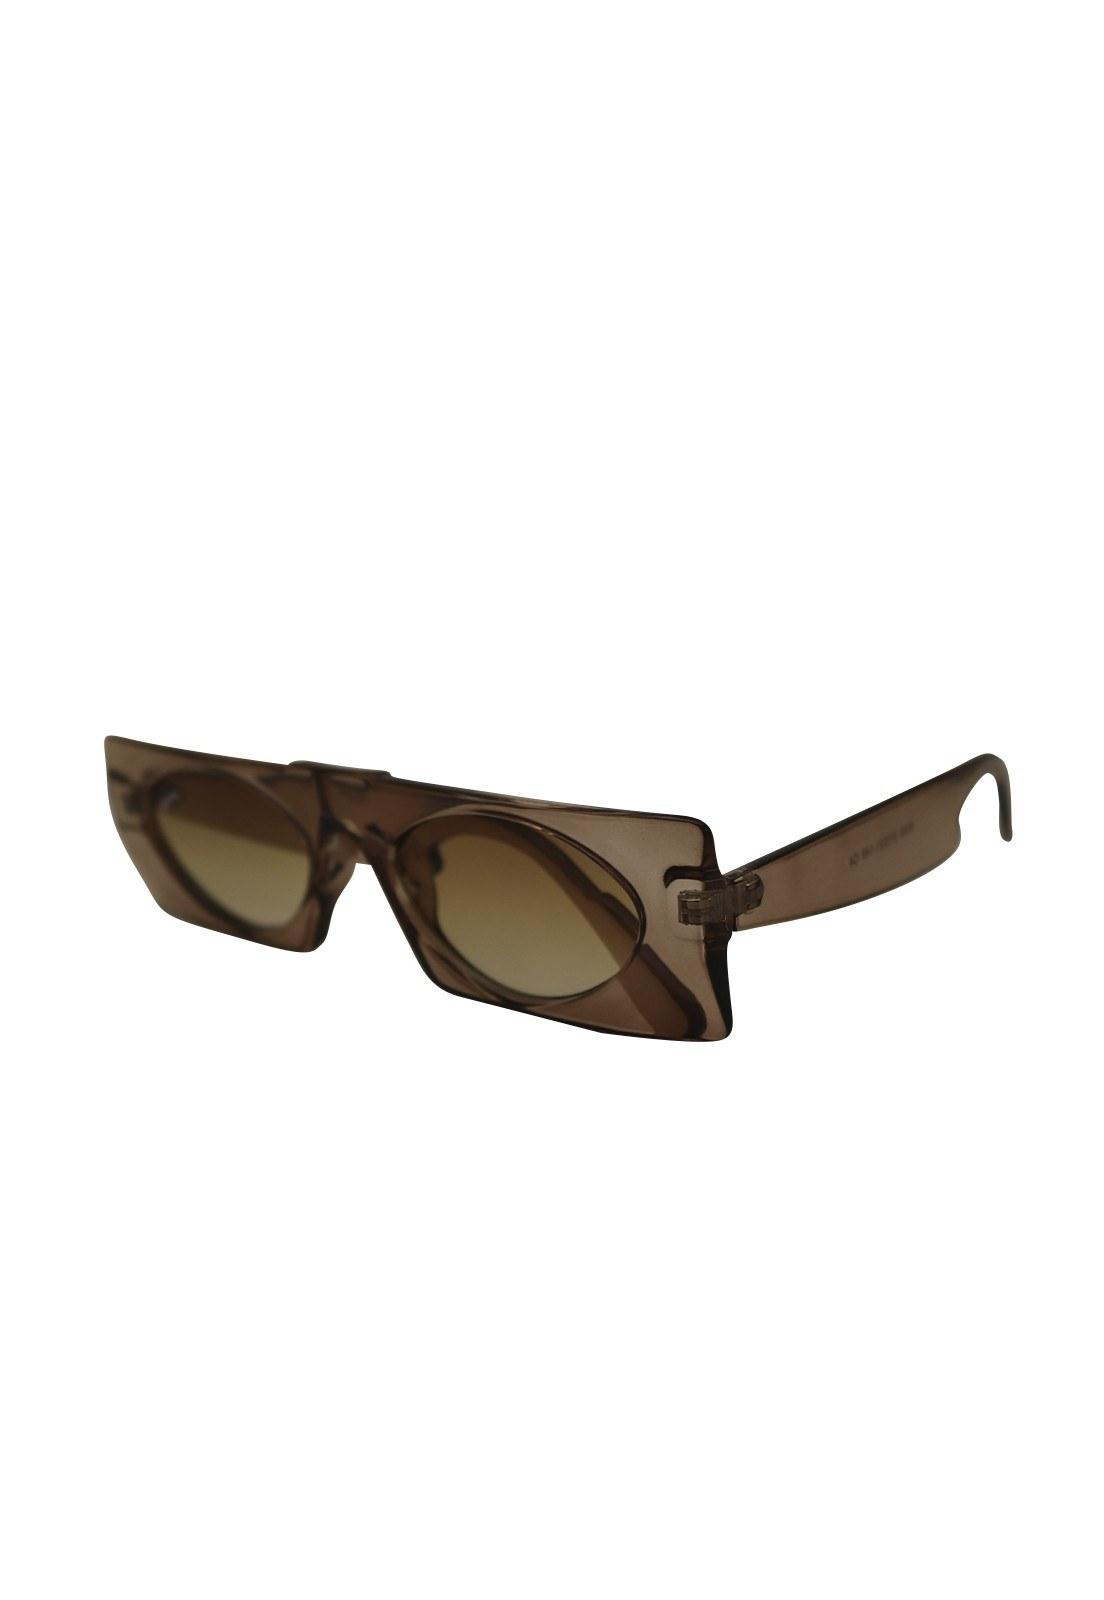 Óculos de Sol Grungetteria Picasso Marrom